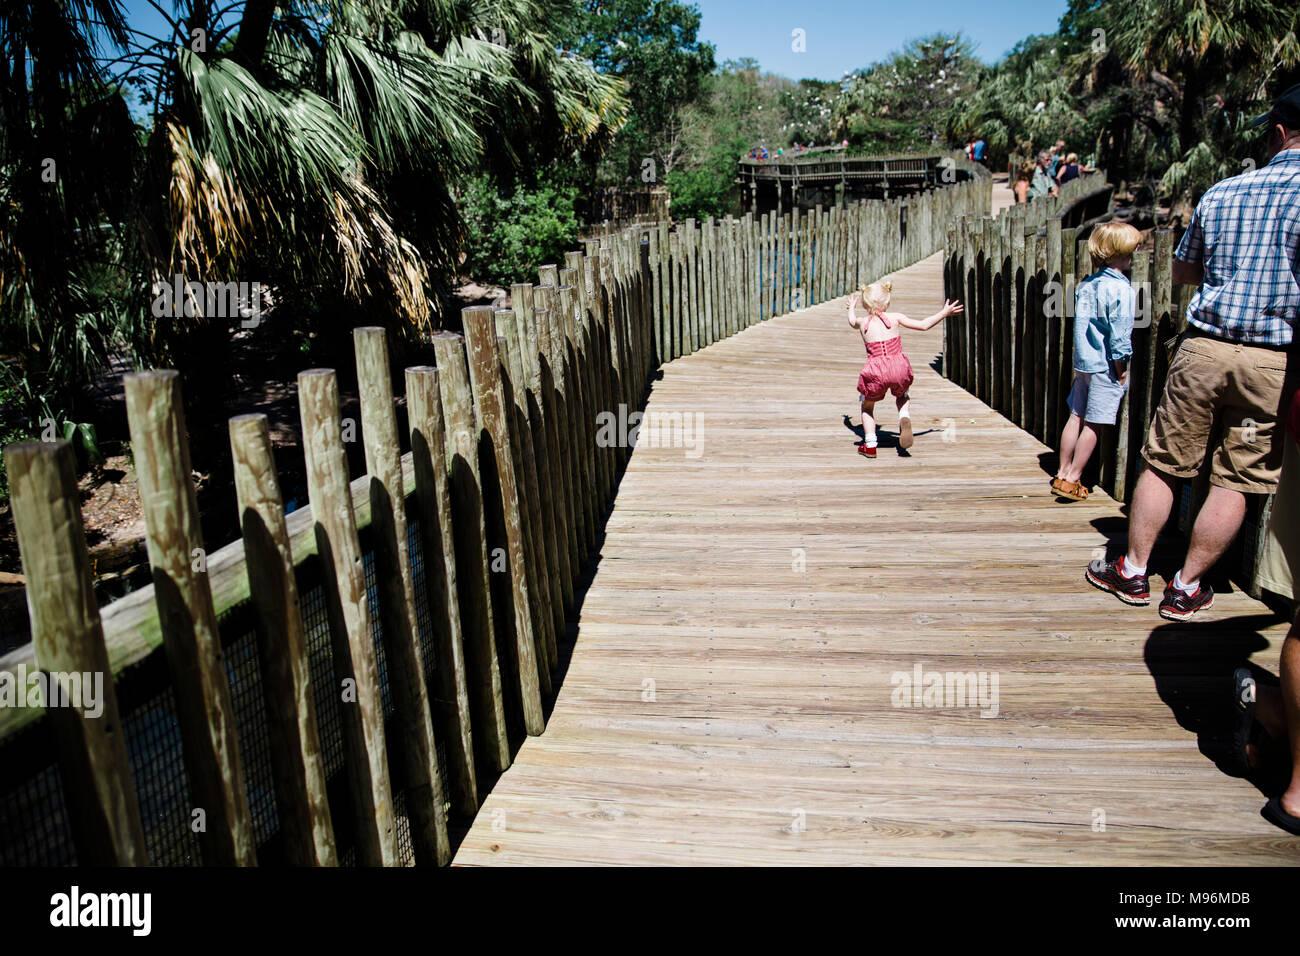 Caminando por la familia zoo boardwalk Imagen De Stock